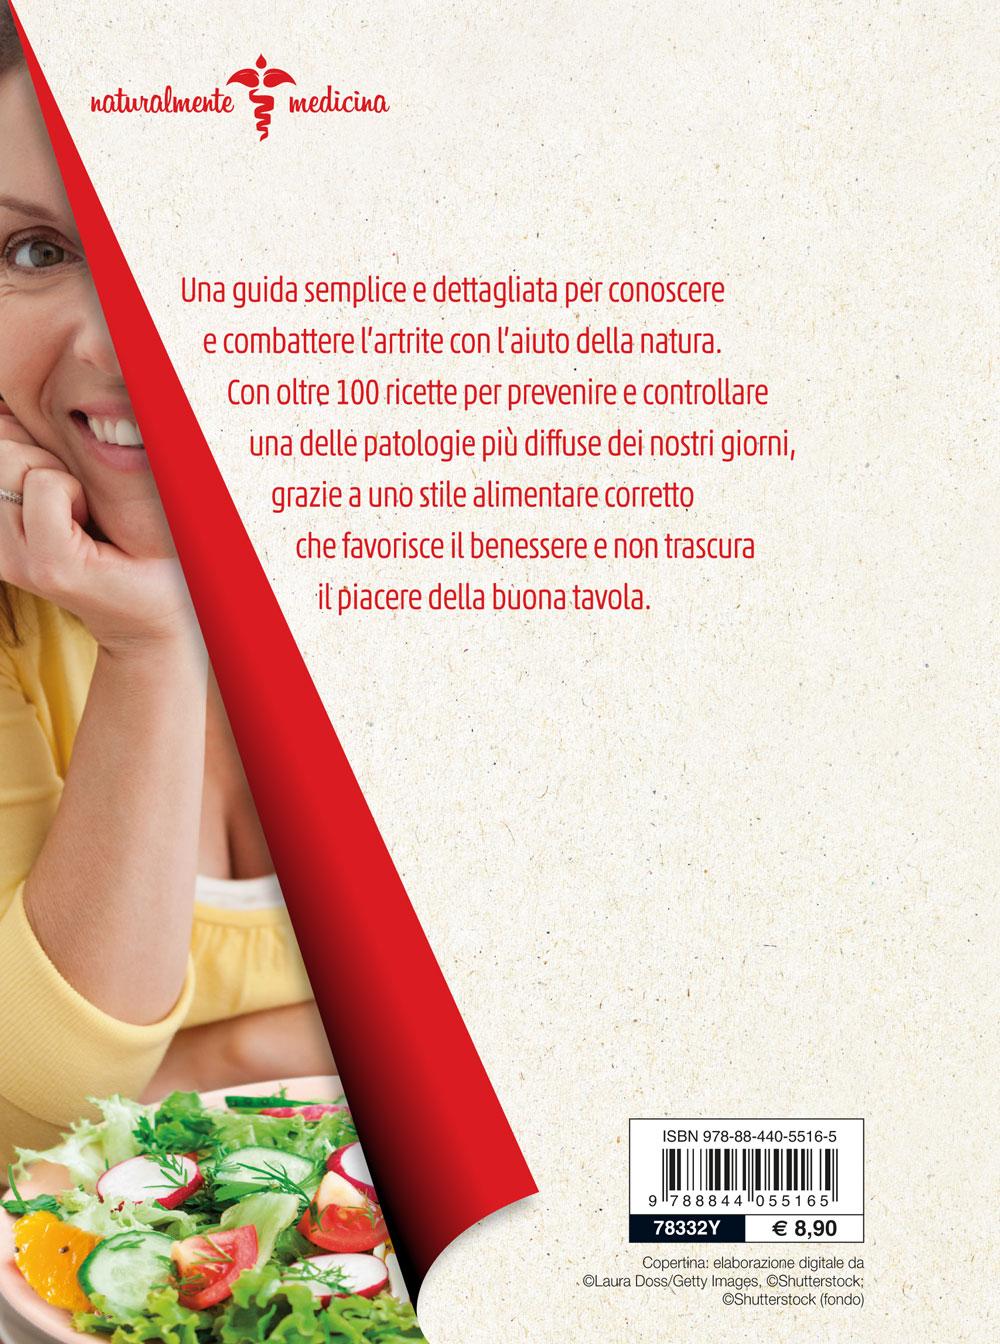 Artrite. Il trattamento dietetico